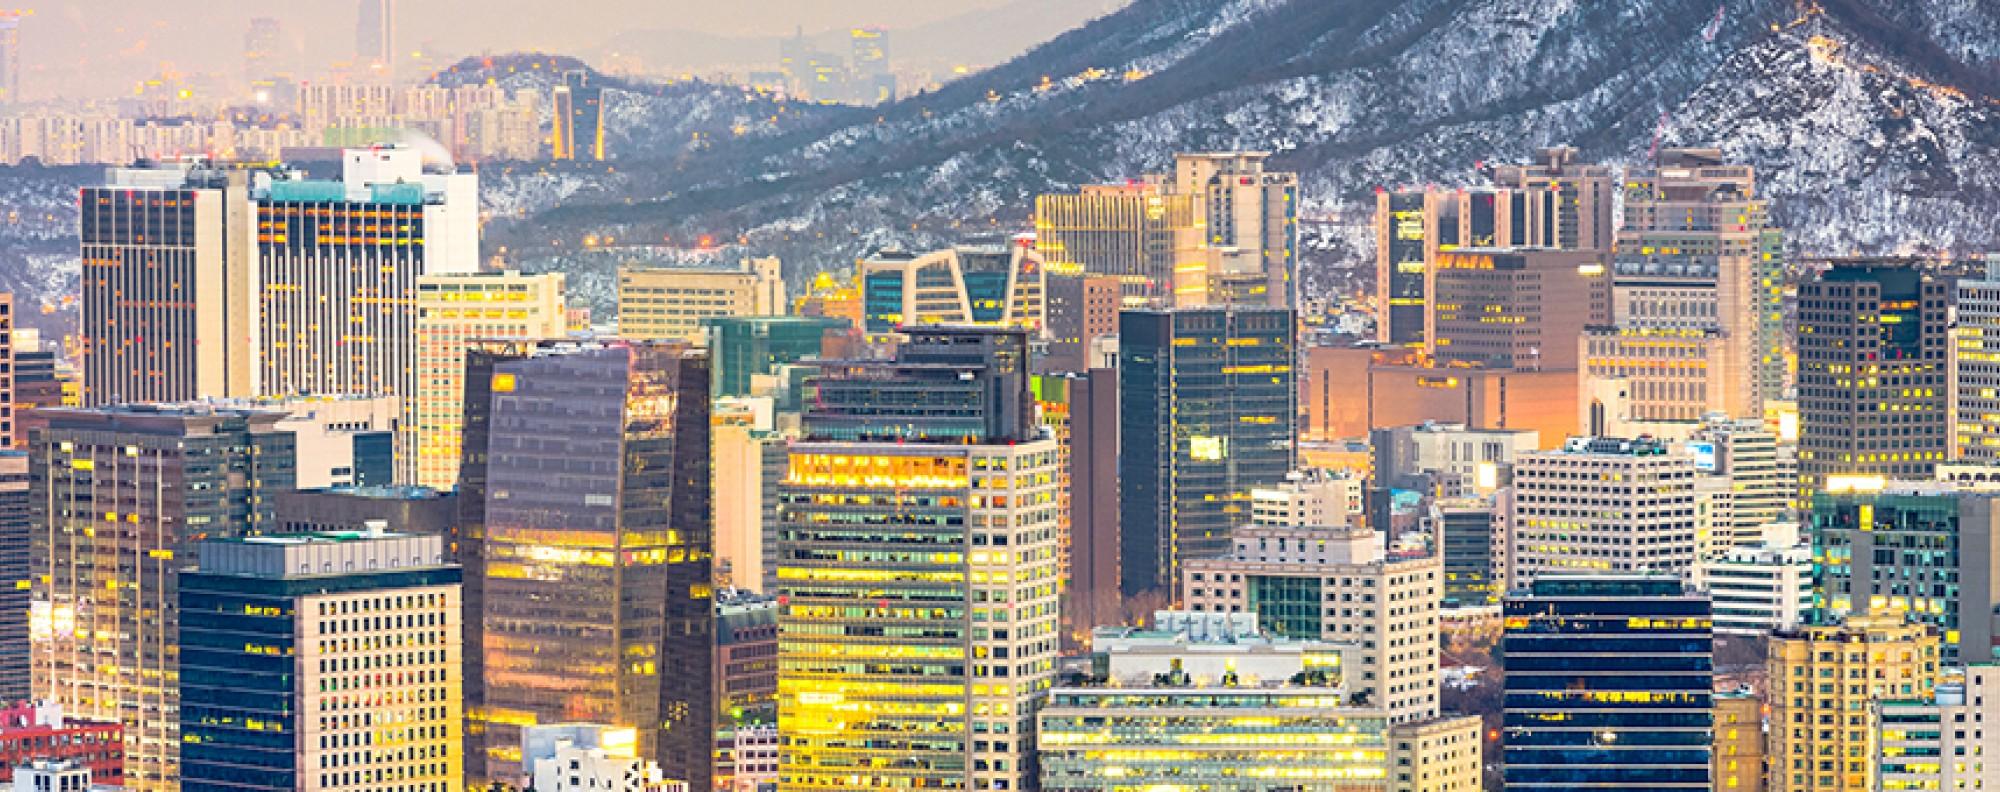 South Korea | South China Morning Post